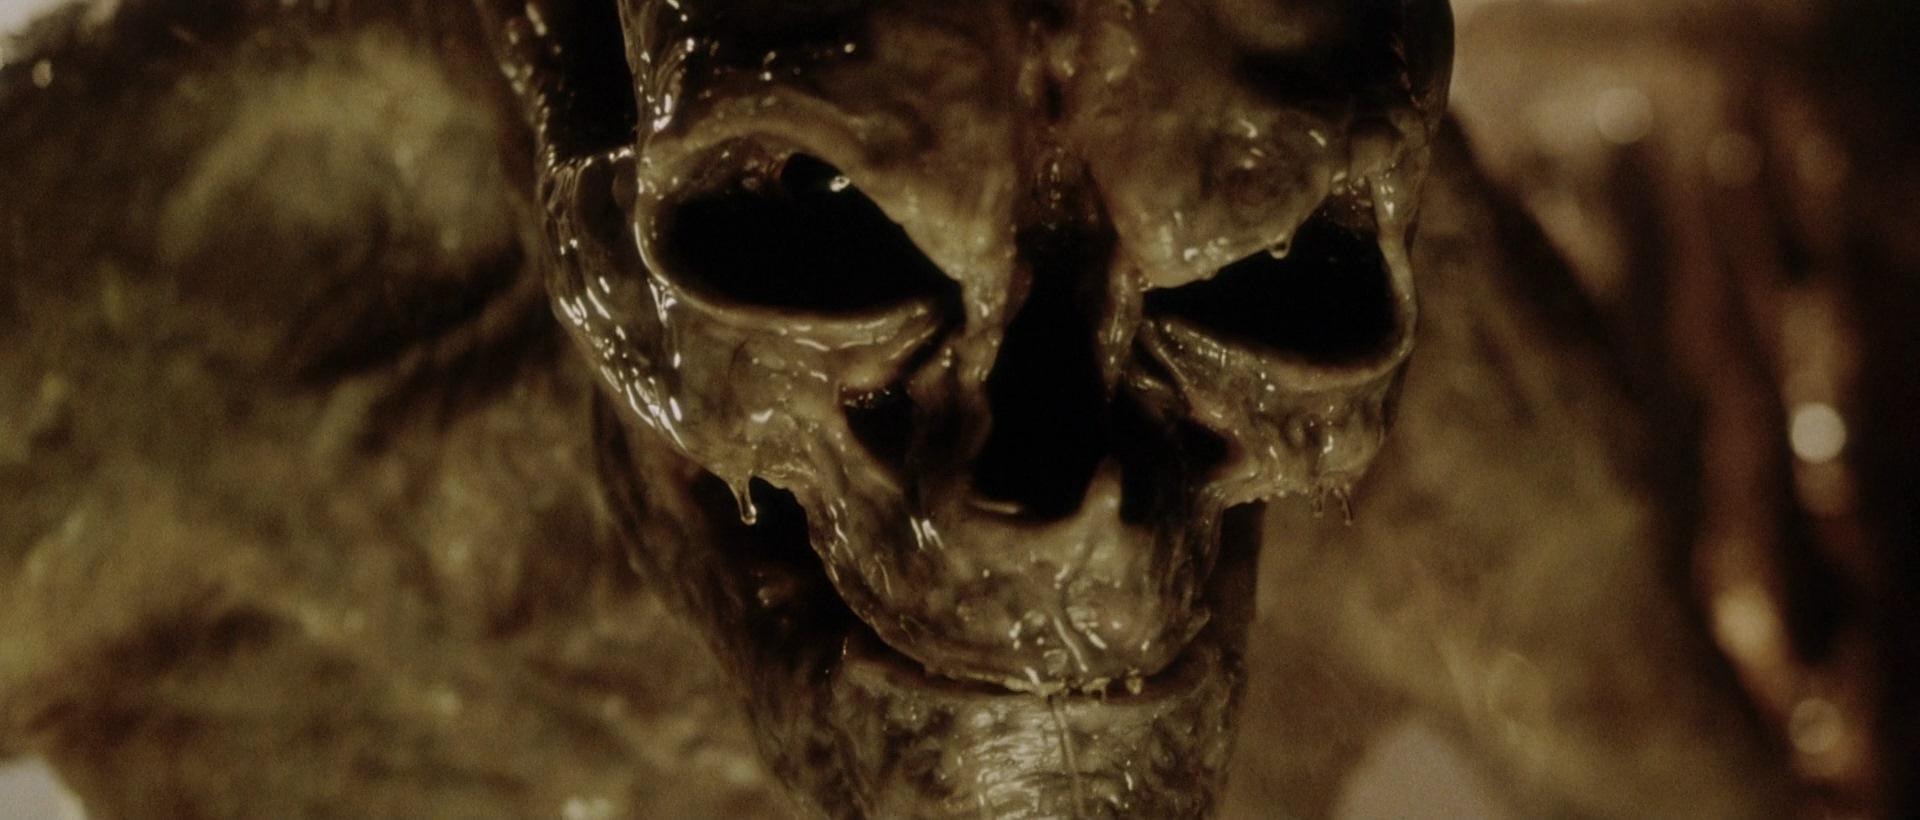 alien resurrection newborn Alien: Resurrection Set a New Low for Lazy Sequels